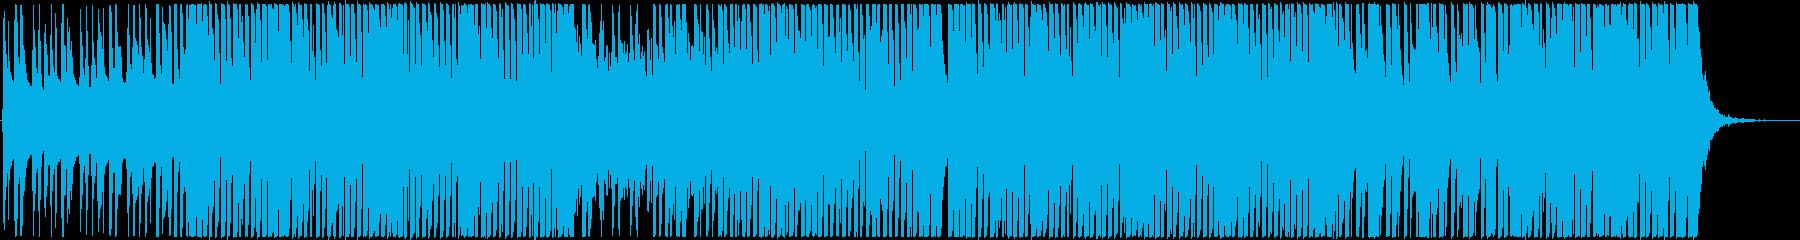 ゆったりふわふわしたFuturePopの再生済みの波形